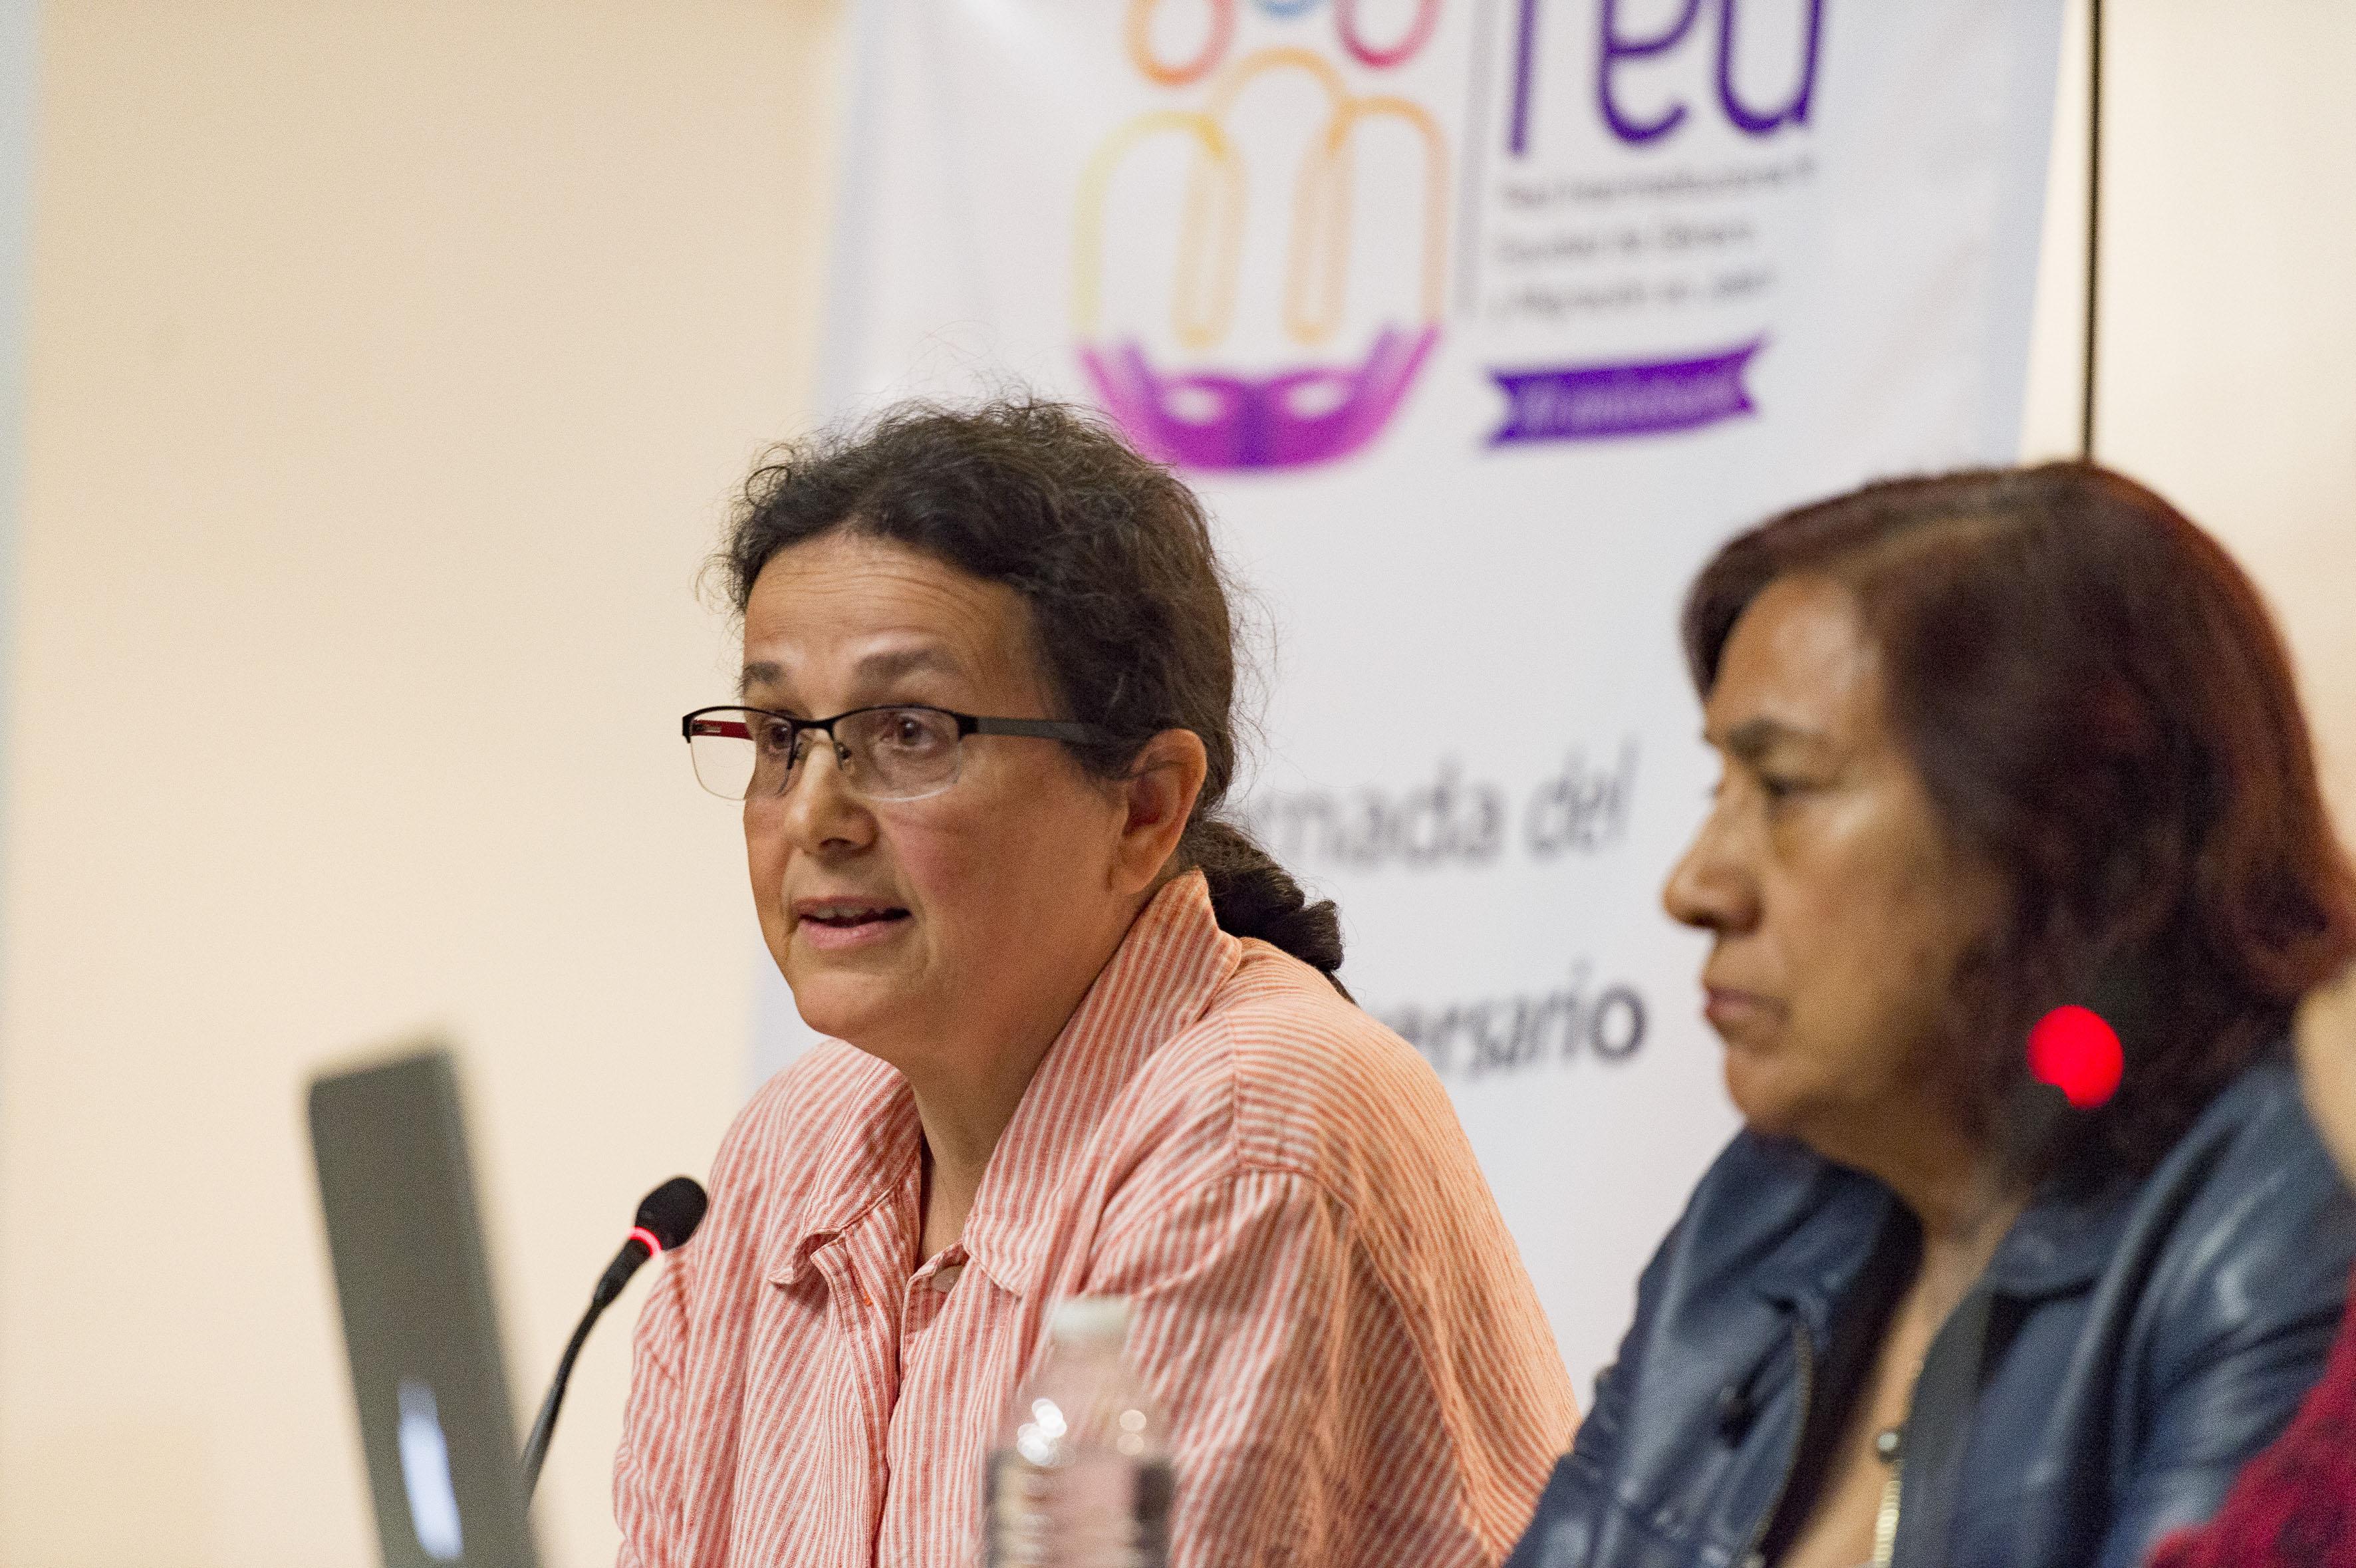 Doctora Manuela Camus Bergareche investigadora del Departamento de Estudios Socio Urbanos del Centro Universitario de Ciencias Sociales y Humanidades de la UdeG.